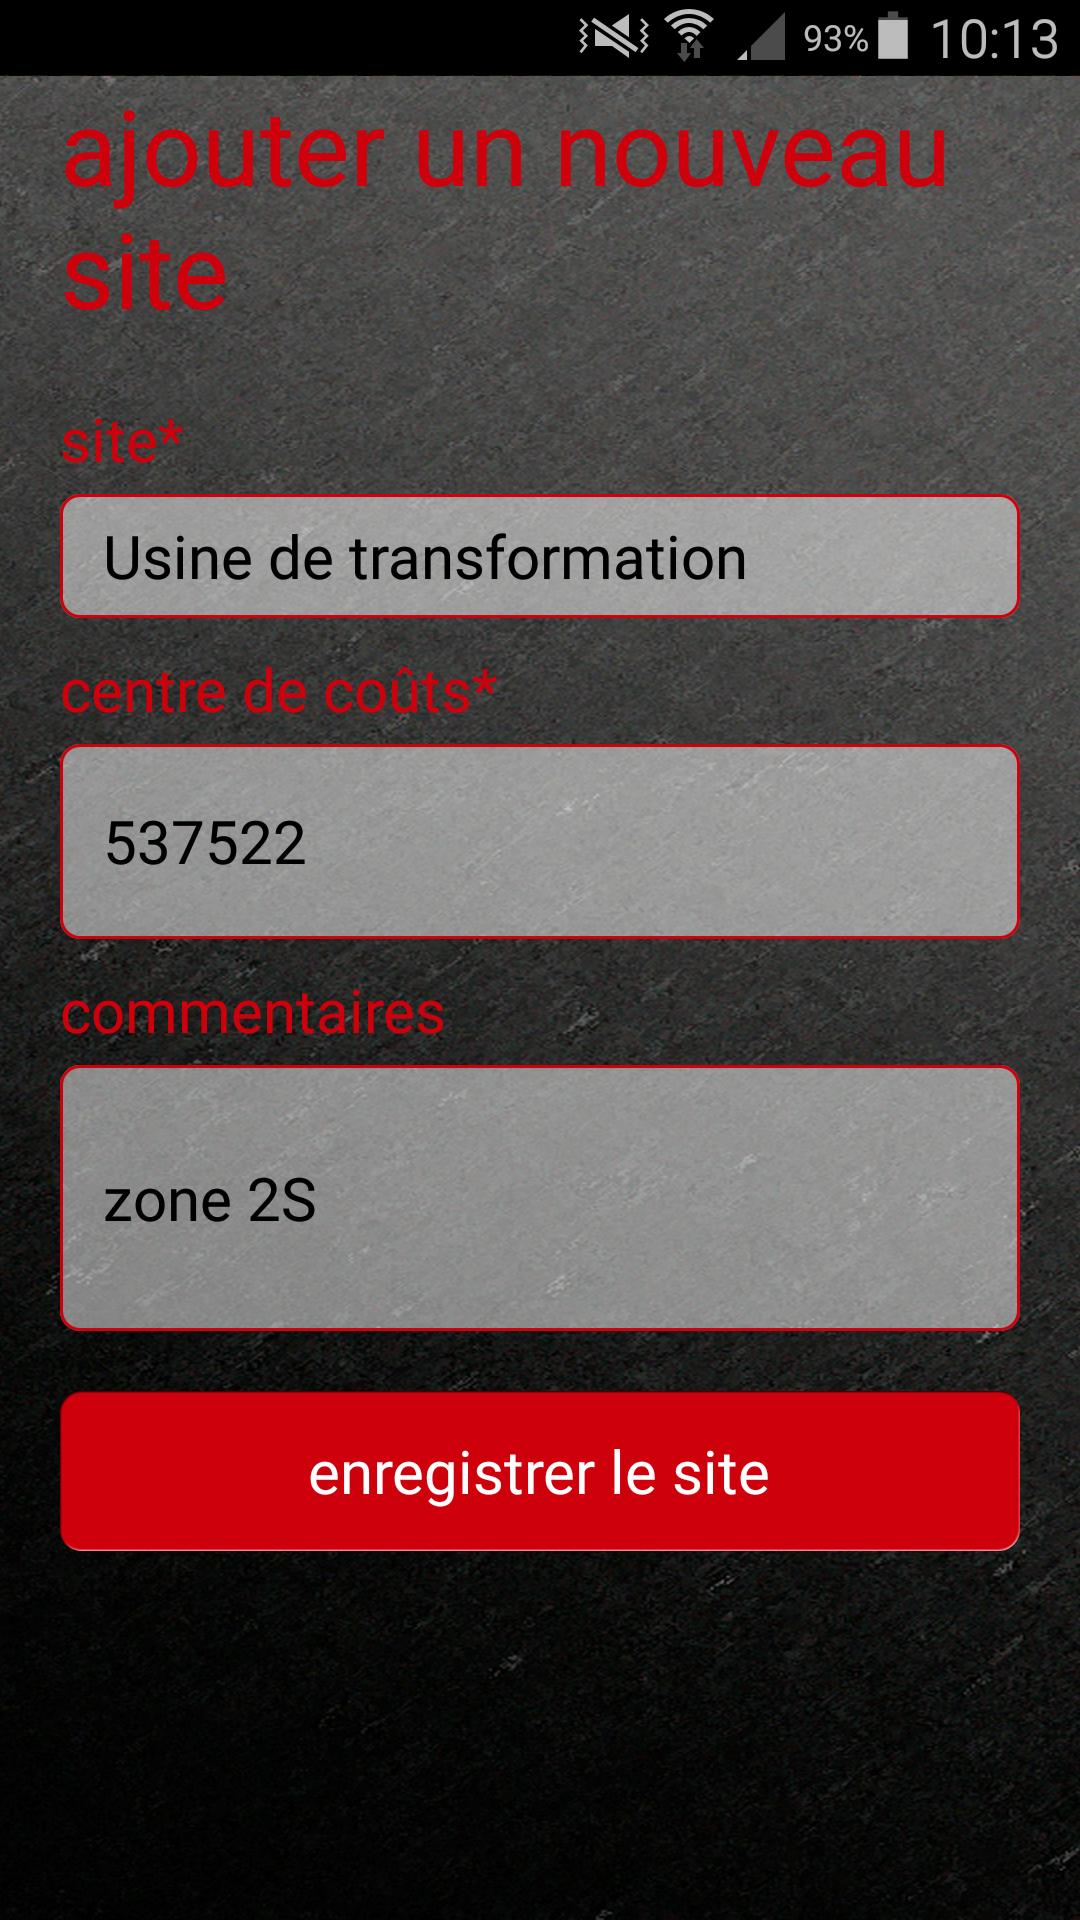 ginstr_app_timeRecording_FR_8